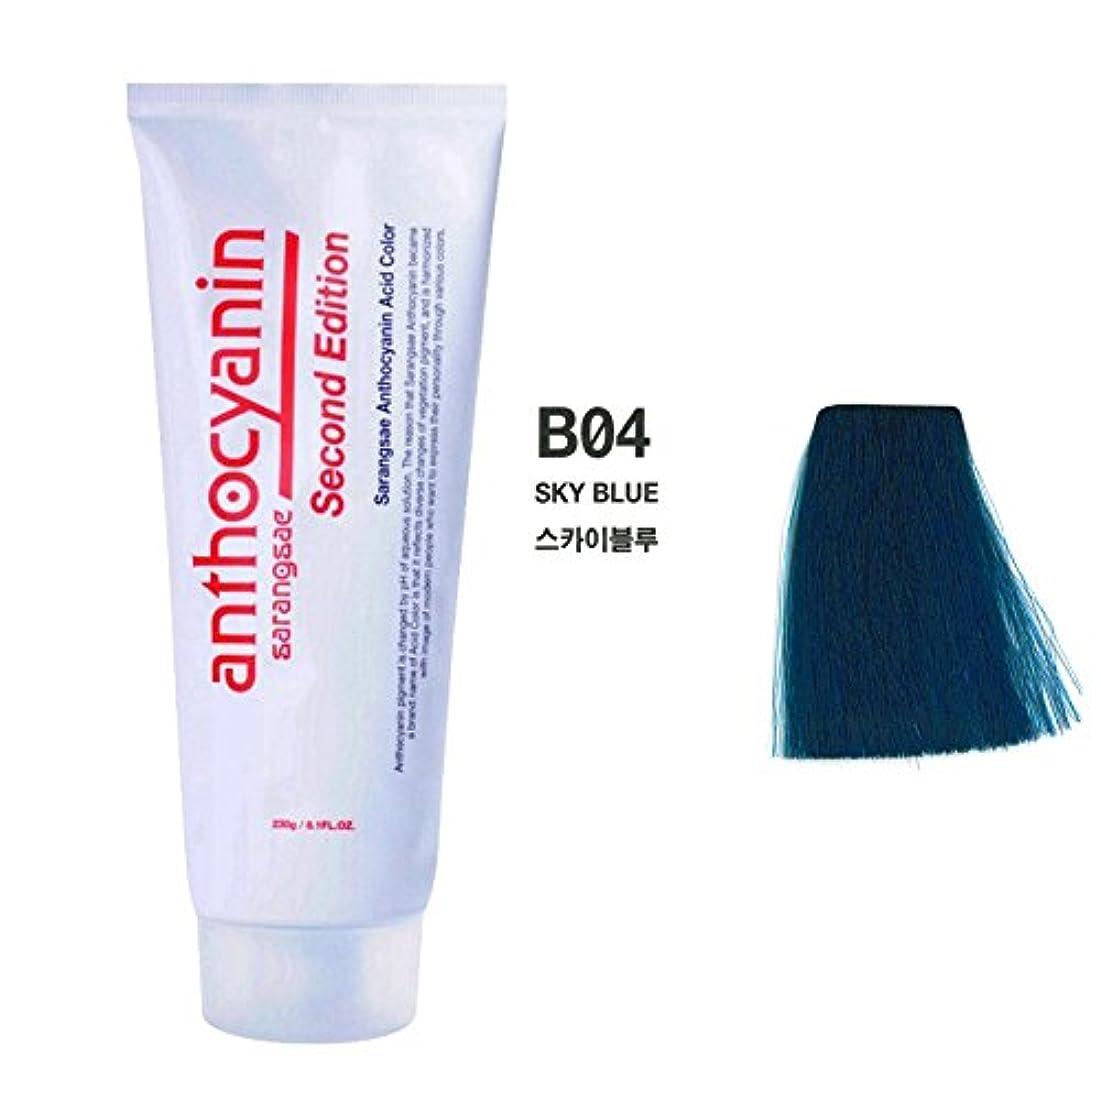 原子突破口多分ヘア マニキュア カラー セカンド エディション 230g セミ パーマネント 染毛剤 (Hair Manicure Color Second Edition 230g Semi Permanent Hair Dye) [並行輸入品] (B04 Sky Blue)